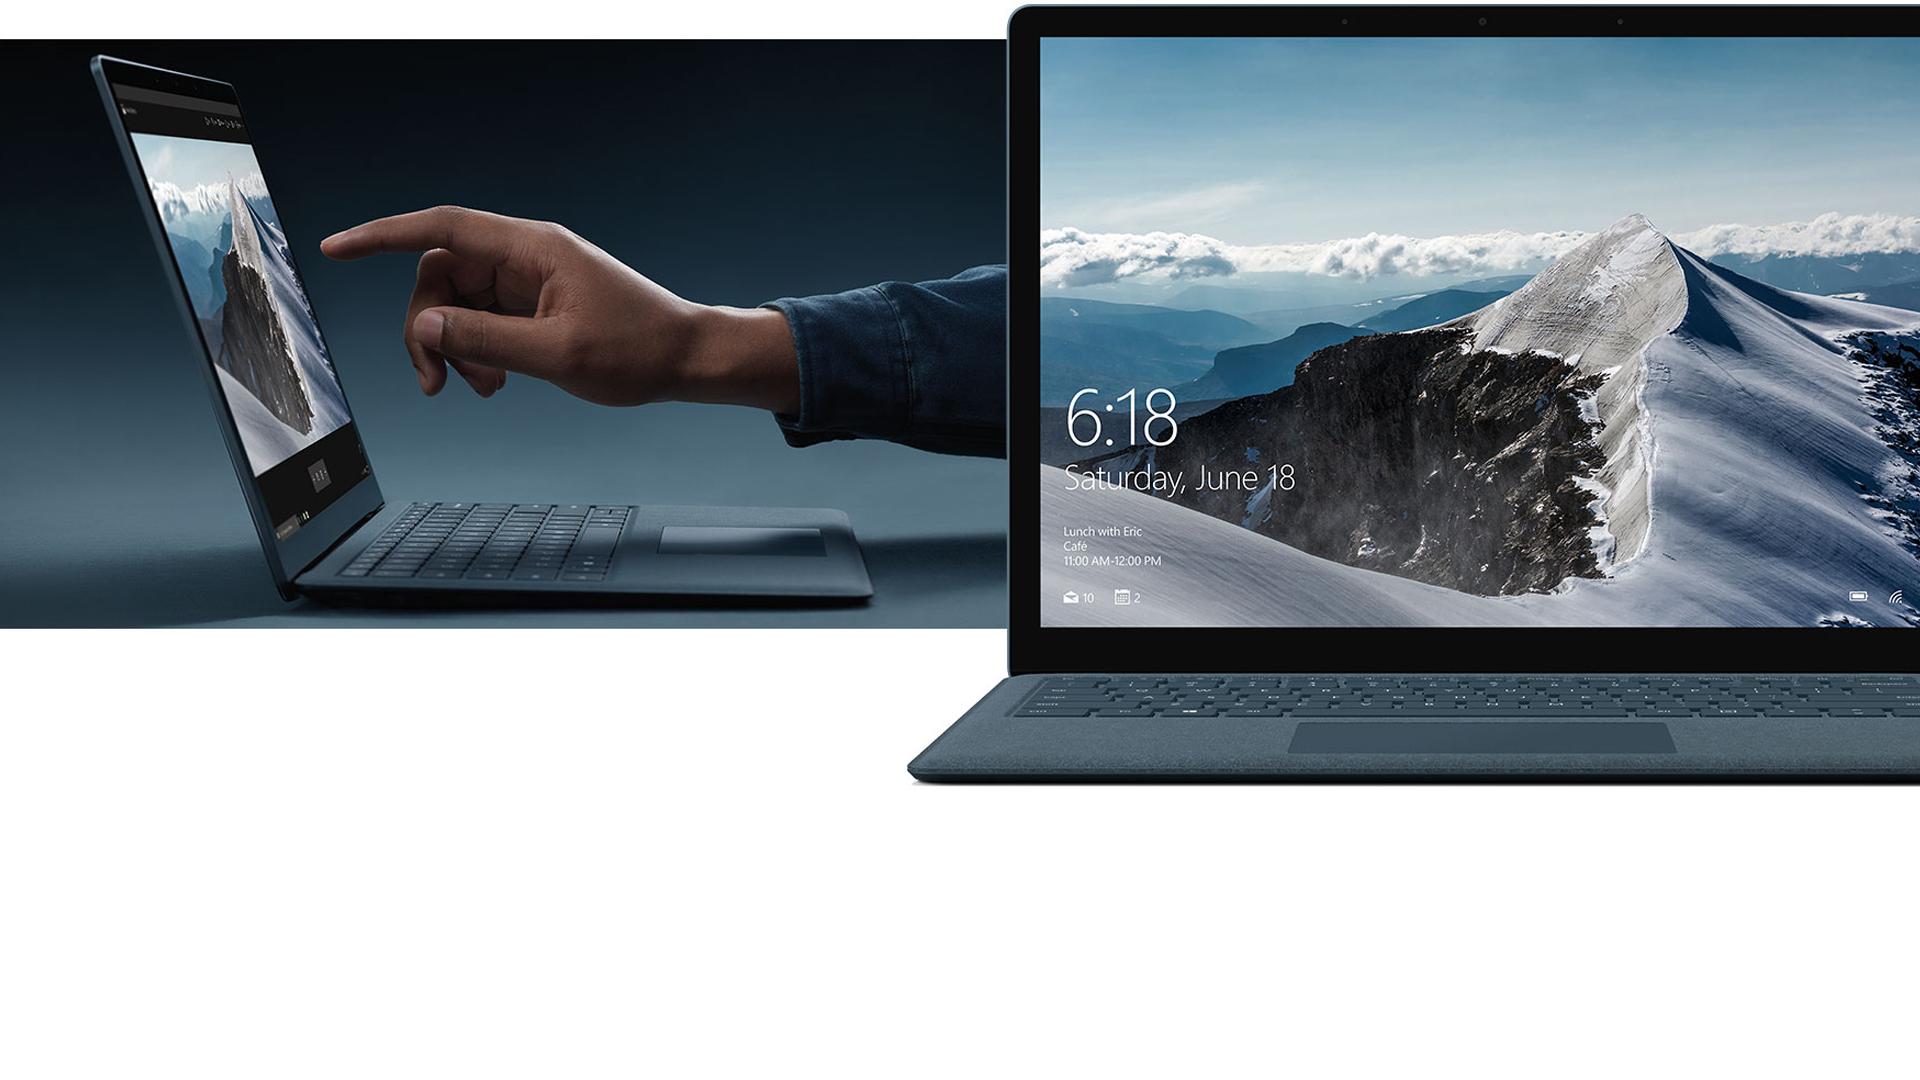 女性が Surface Laptop のタッチ スクリーンを使用している様子。